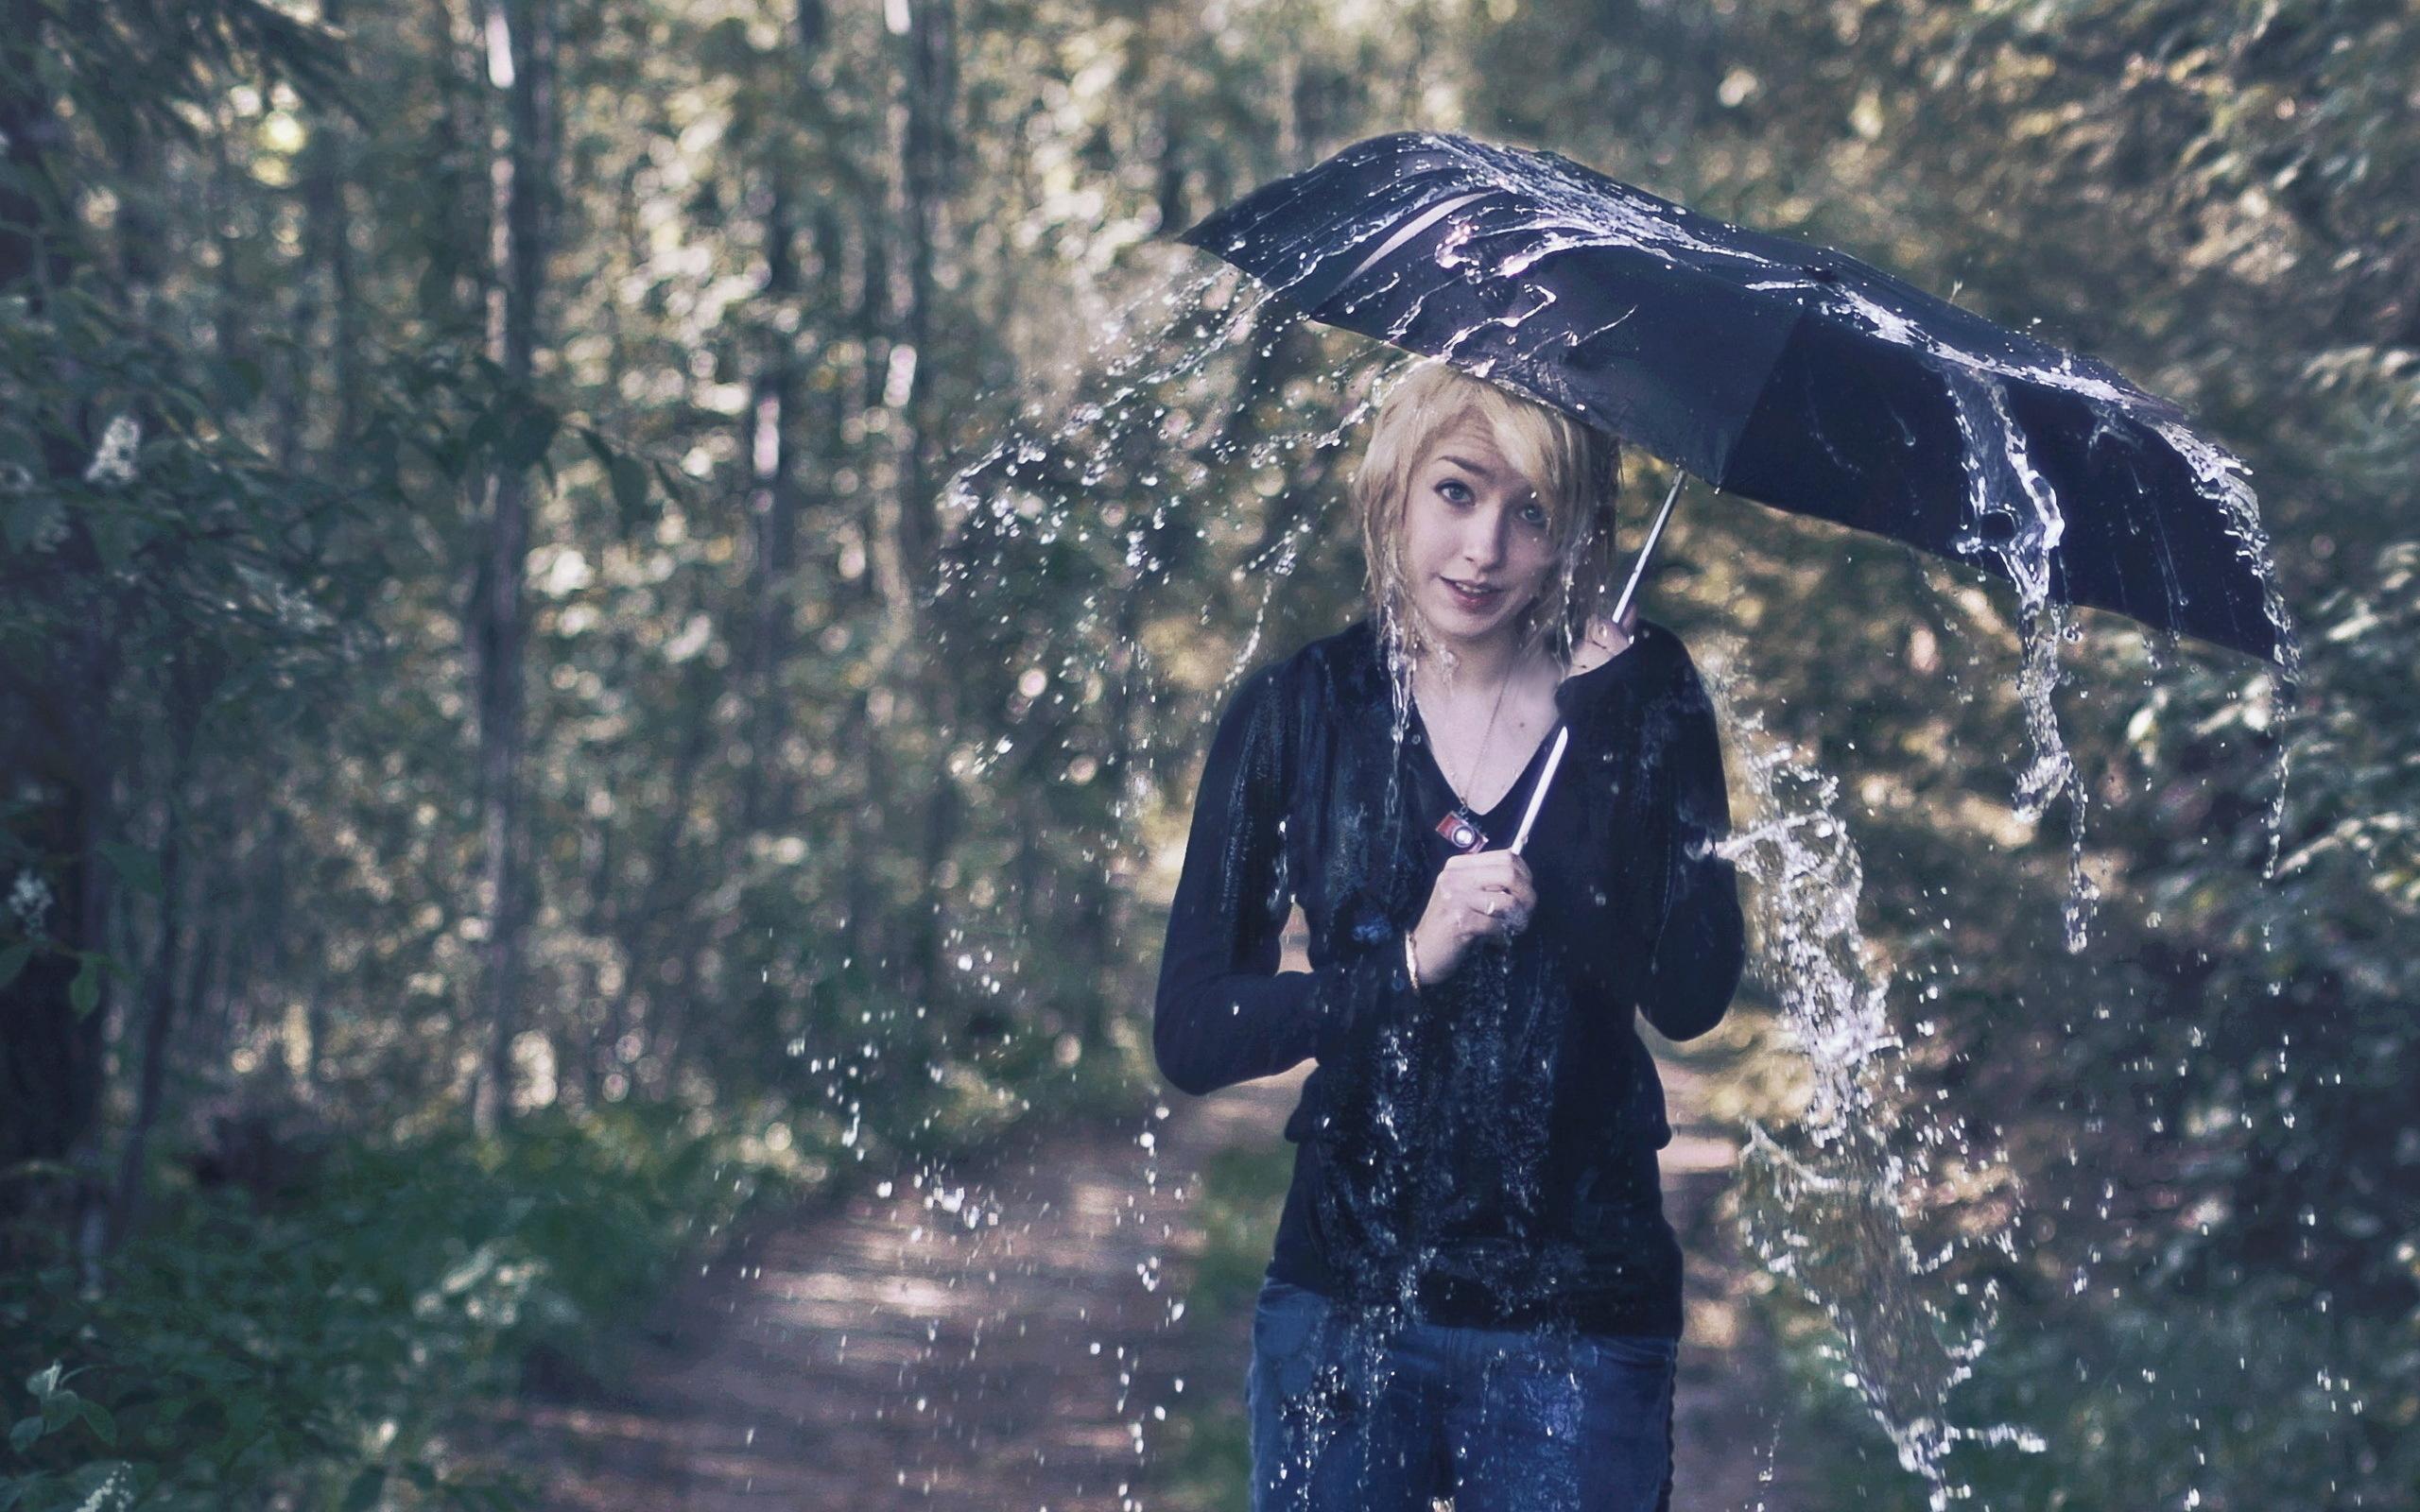 девушка зонт дождь природа  № 3582377 загрузить